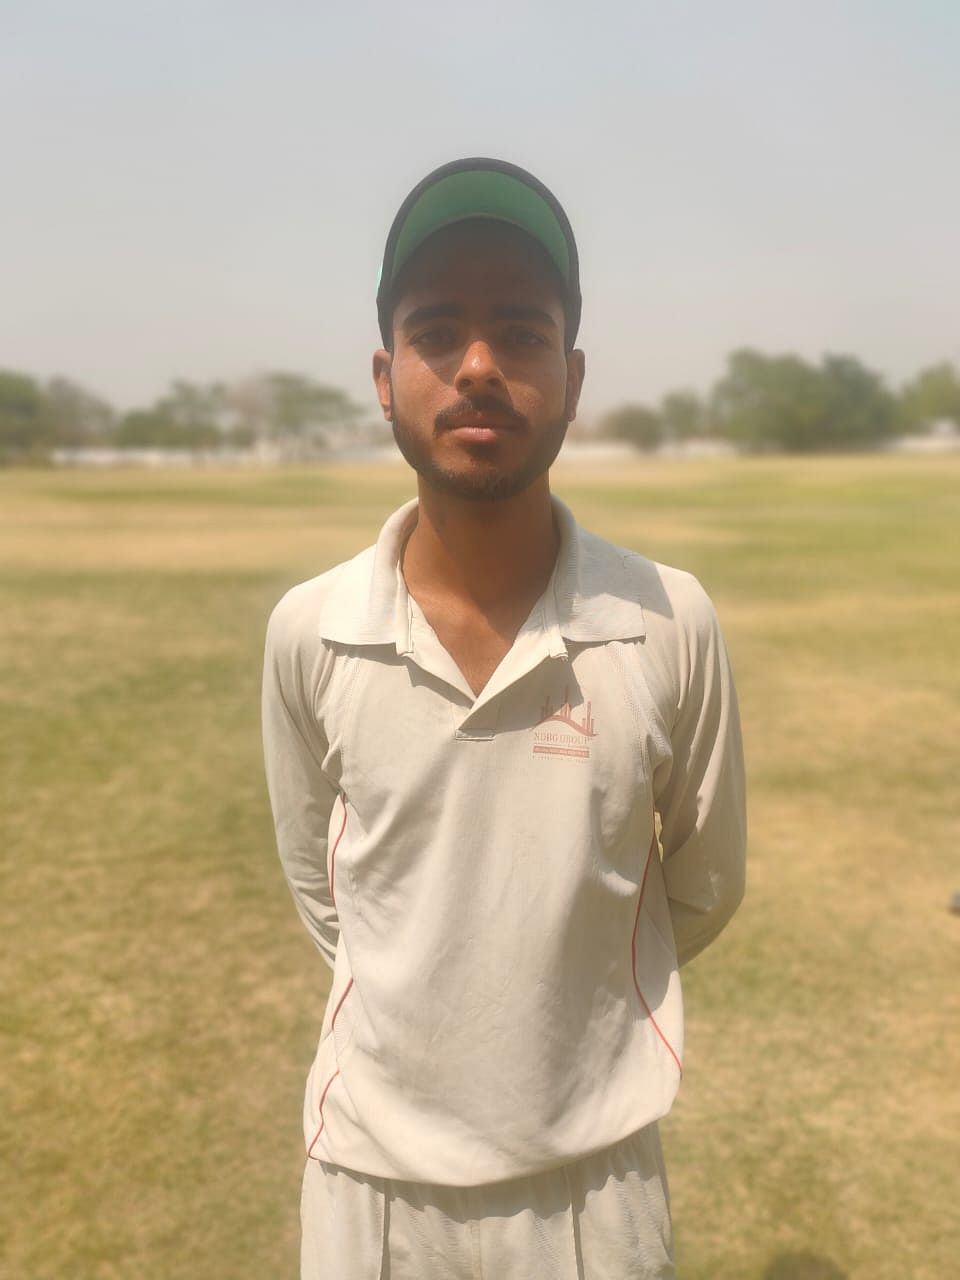 सत्यम अवस्थी की चमकी बल्लेबाजी, सेंट्रल को हराकर यूथ ने खिताब पर कब्जा  किया